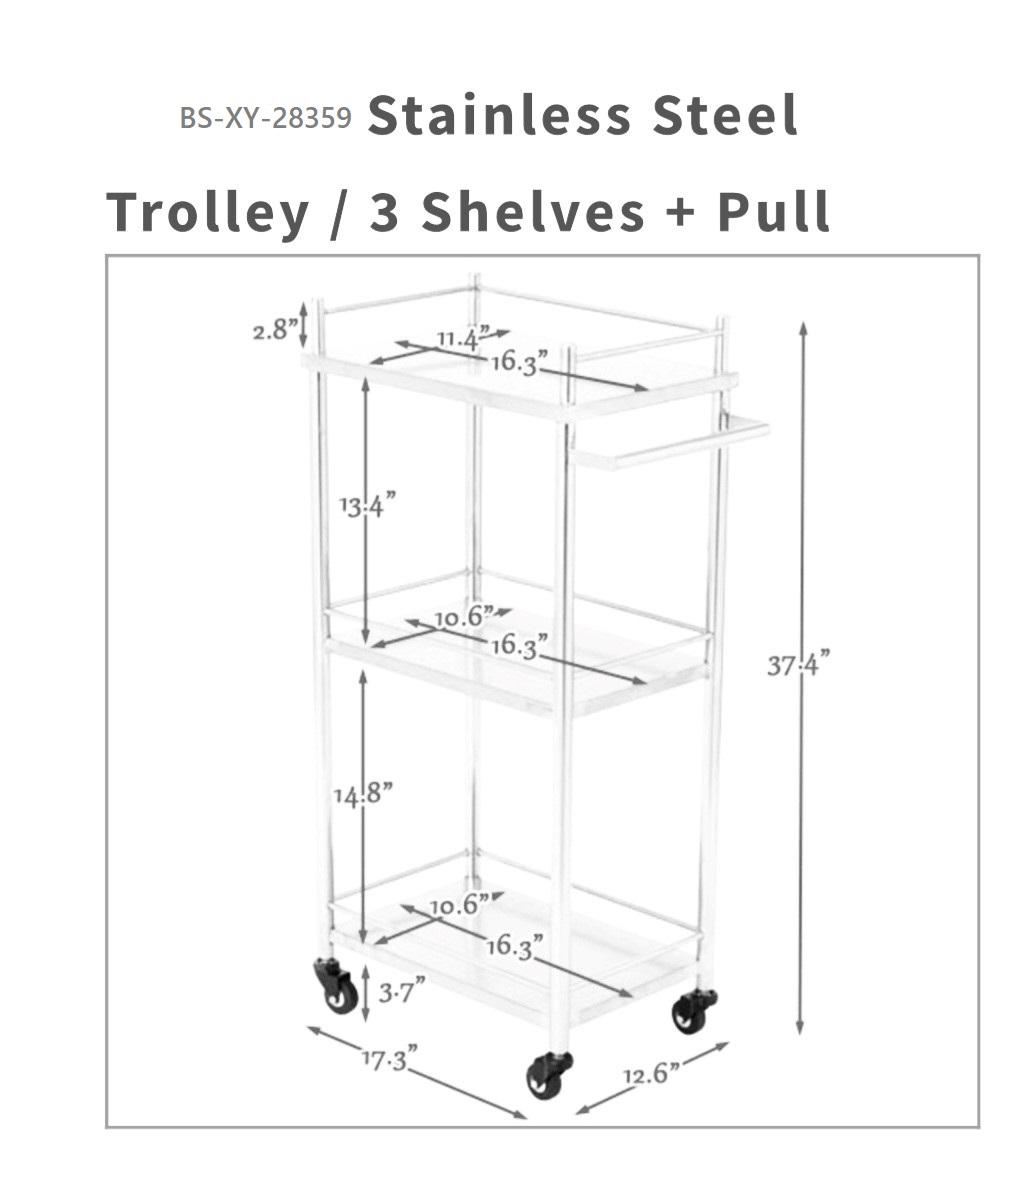 bs-xy-28359-stainless-steel-trolley-1.jpg